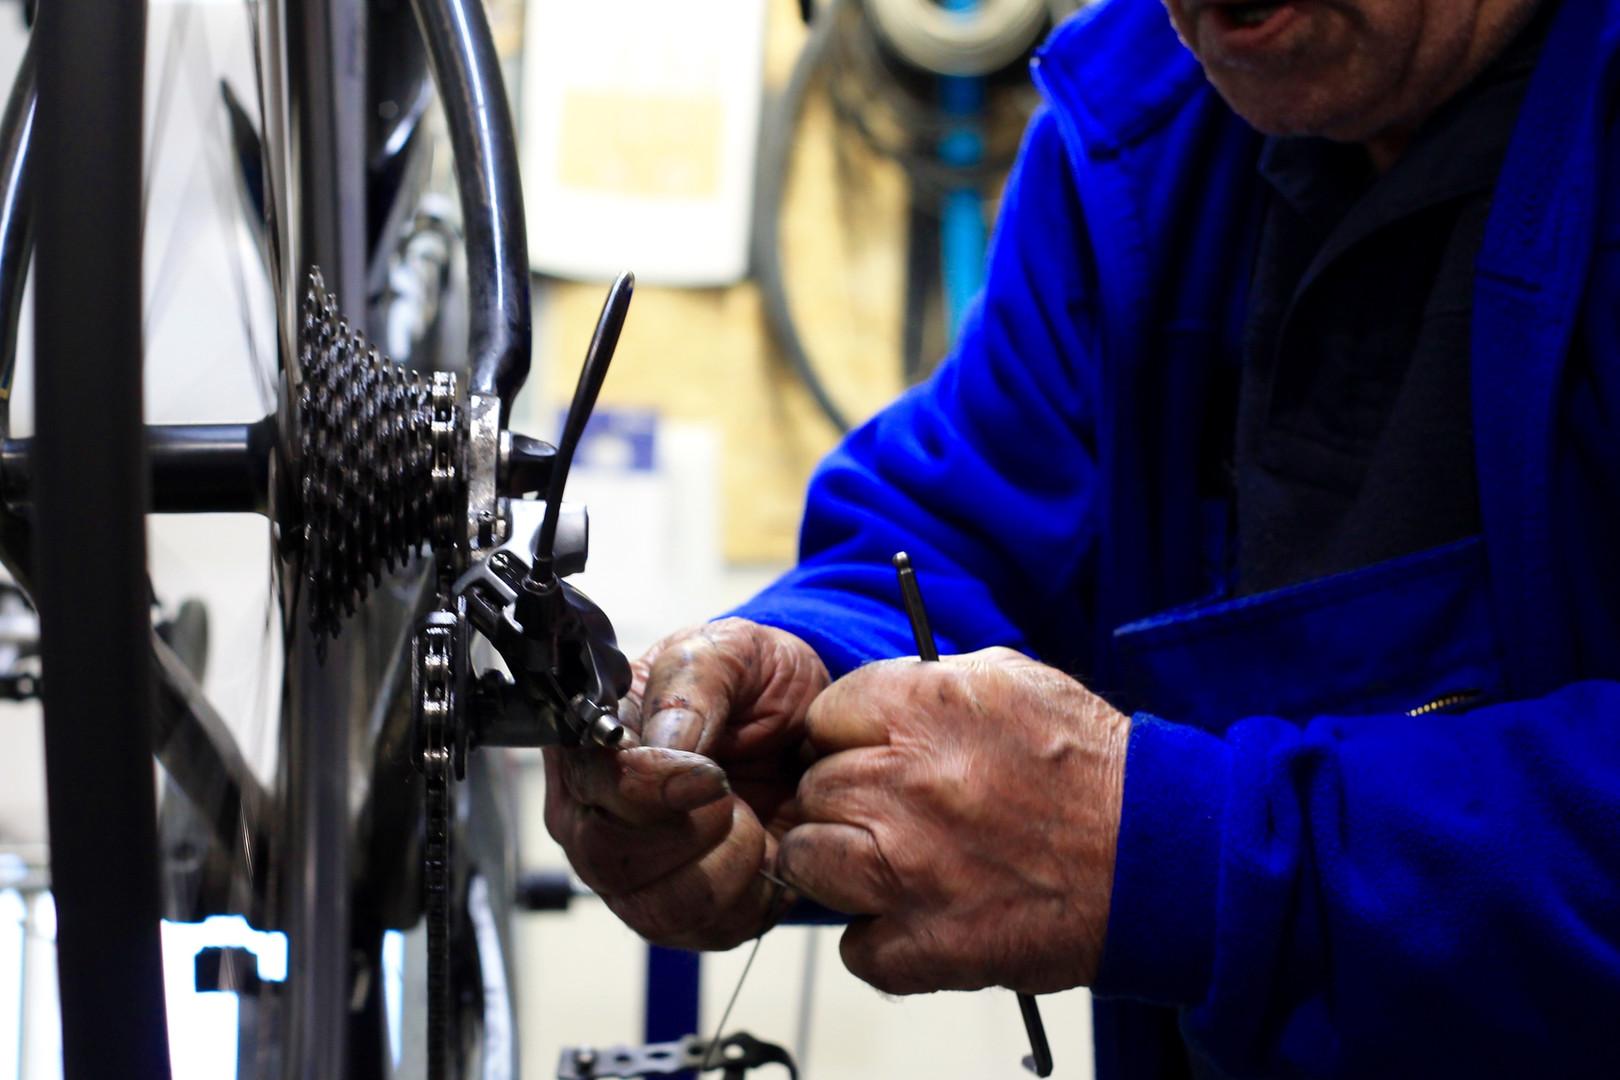 Rocco der Fahrradladen